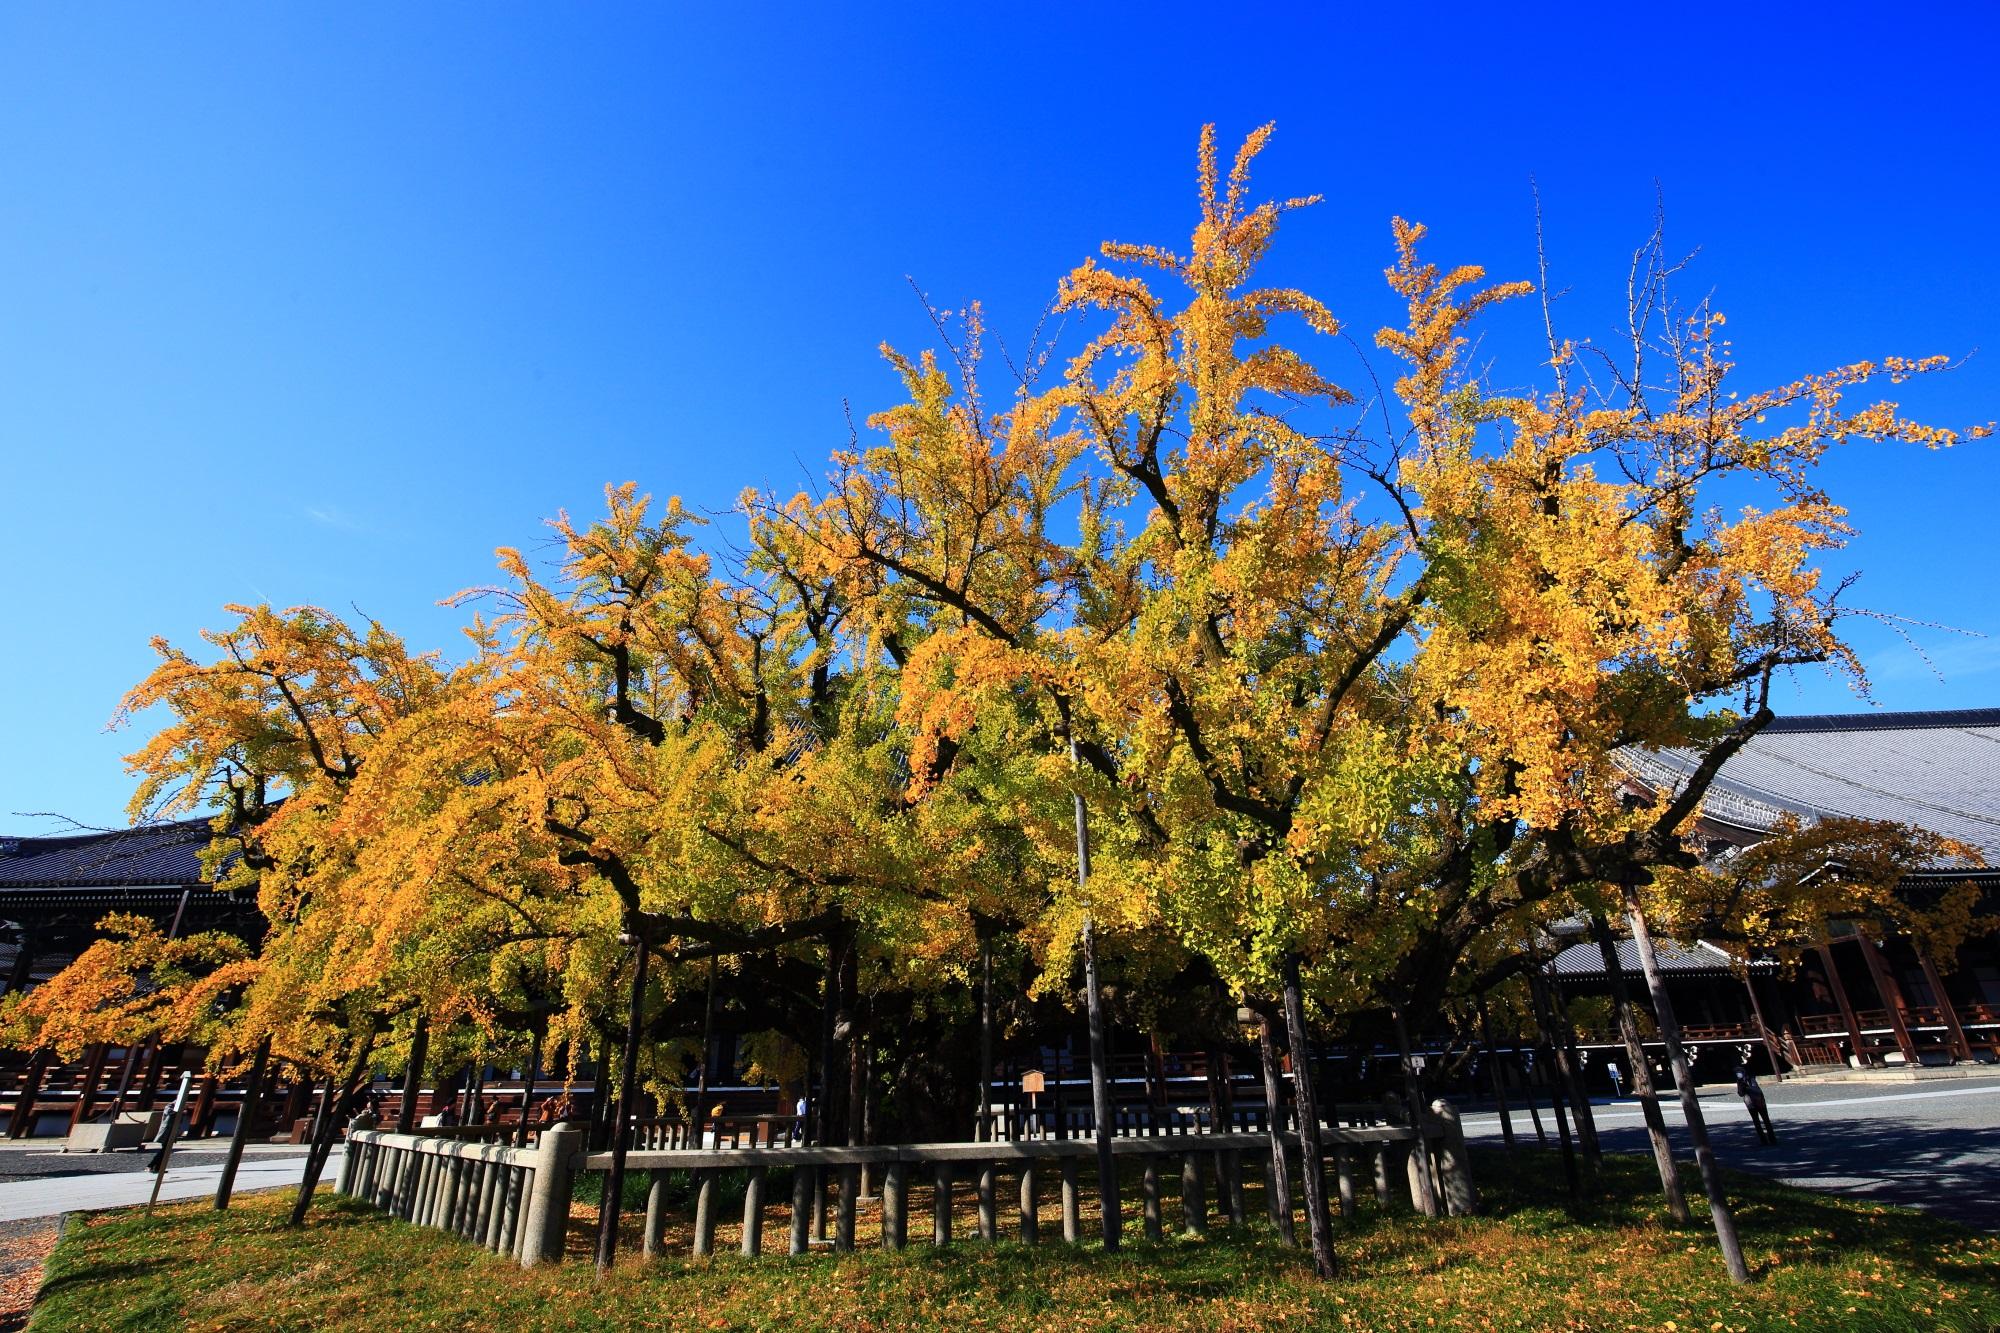 銀杏の名所の西本願寺の御影堂前の優美な大銀杏